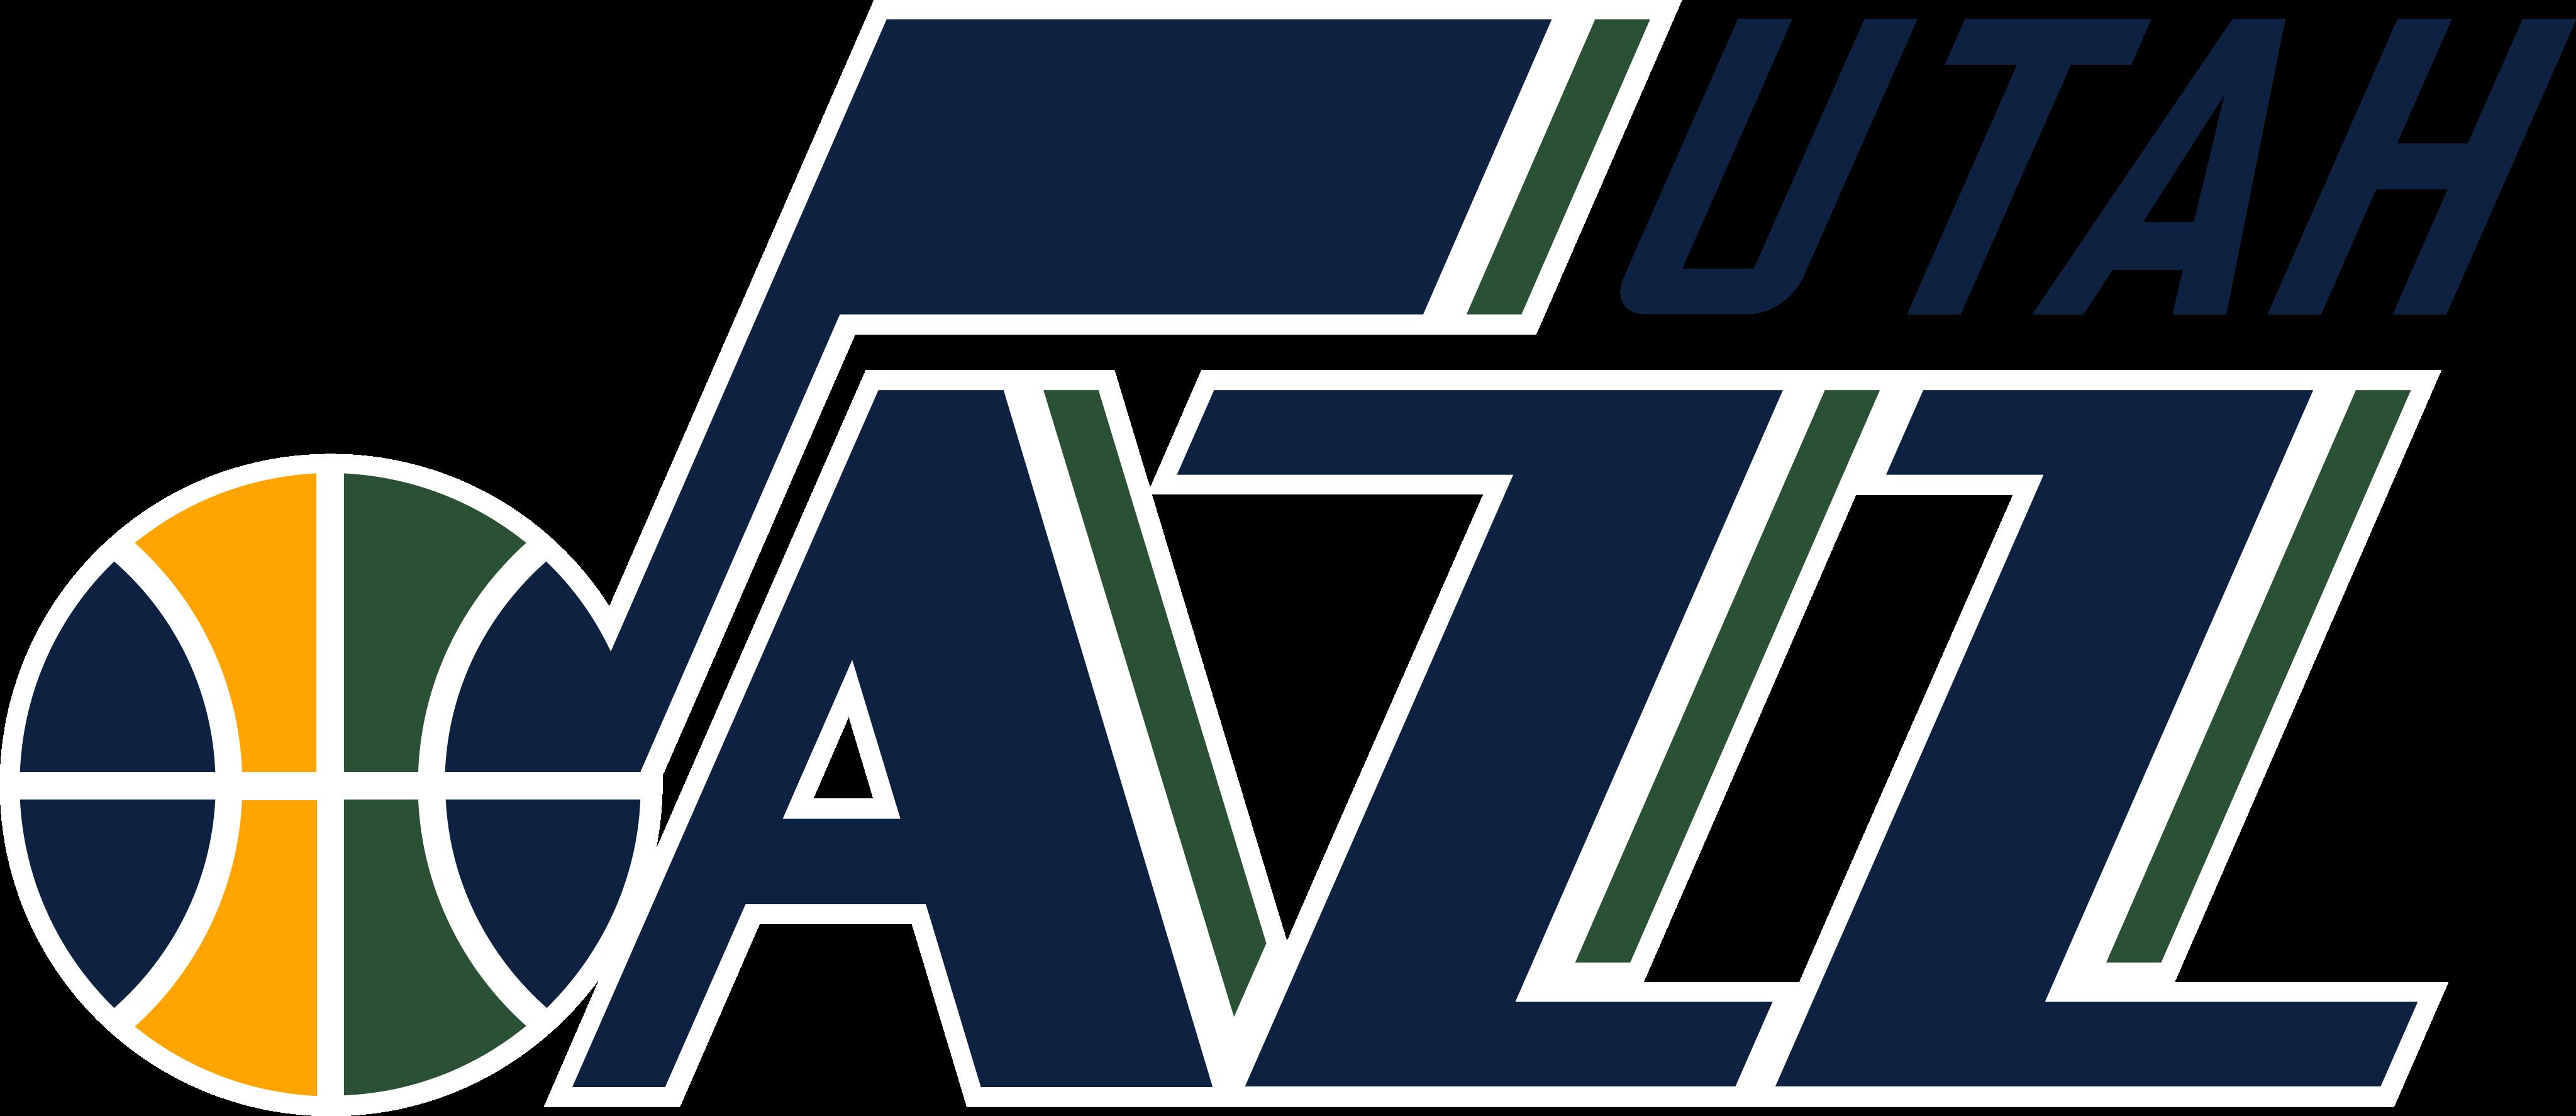 utah jazz logo 1 - Utah Jazz Logo